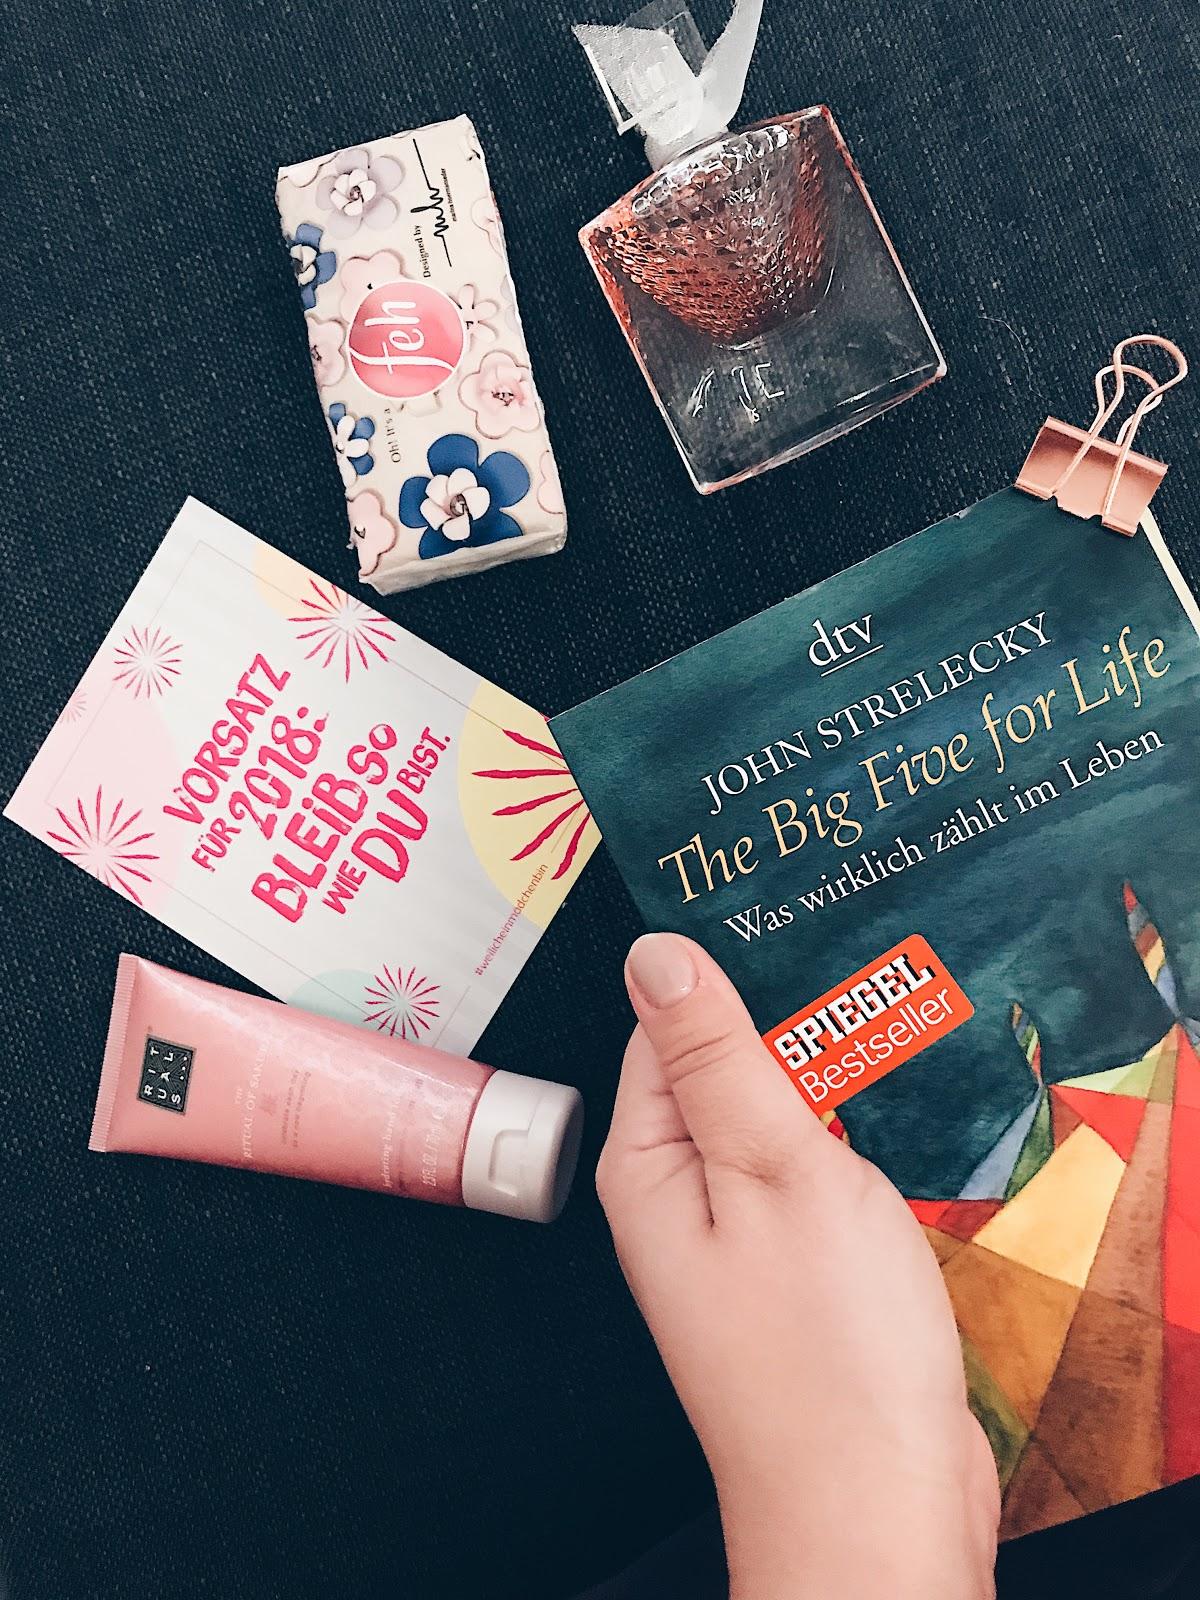 The Big Five for Life von John Strelecky ist einfach ein lebensveränderndes Buch sowohl für jeden Menschen als auch für Führungskräfte. Man lernt, was wichtig ist im Leben, wie man ein erfülltest Leben haben kann und welchen Zweck der Existenz man hat. Wie mich das Buch beeinflusst hat erfährt ihr ab sofort auf www.moreaboutdanie.at